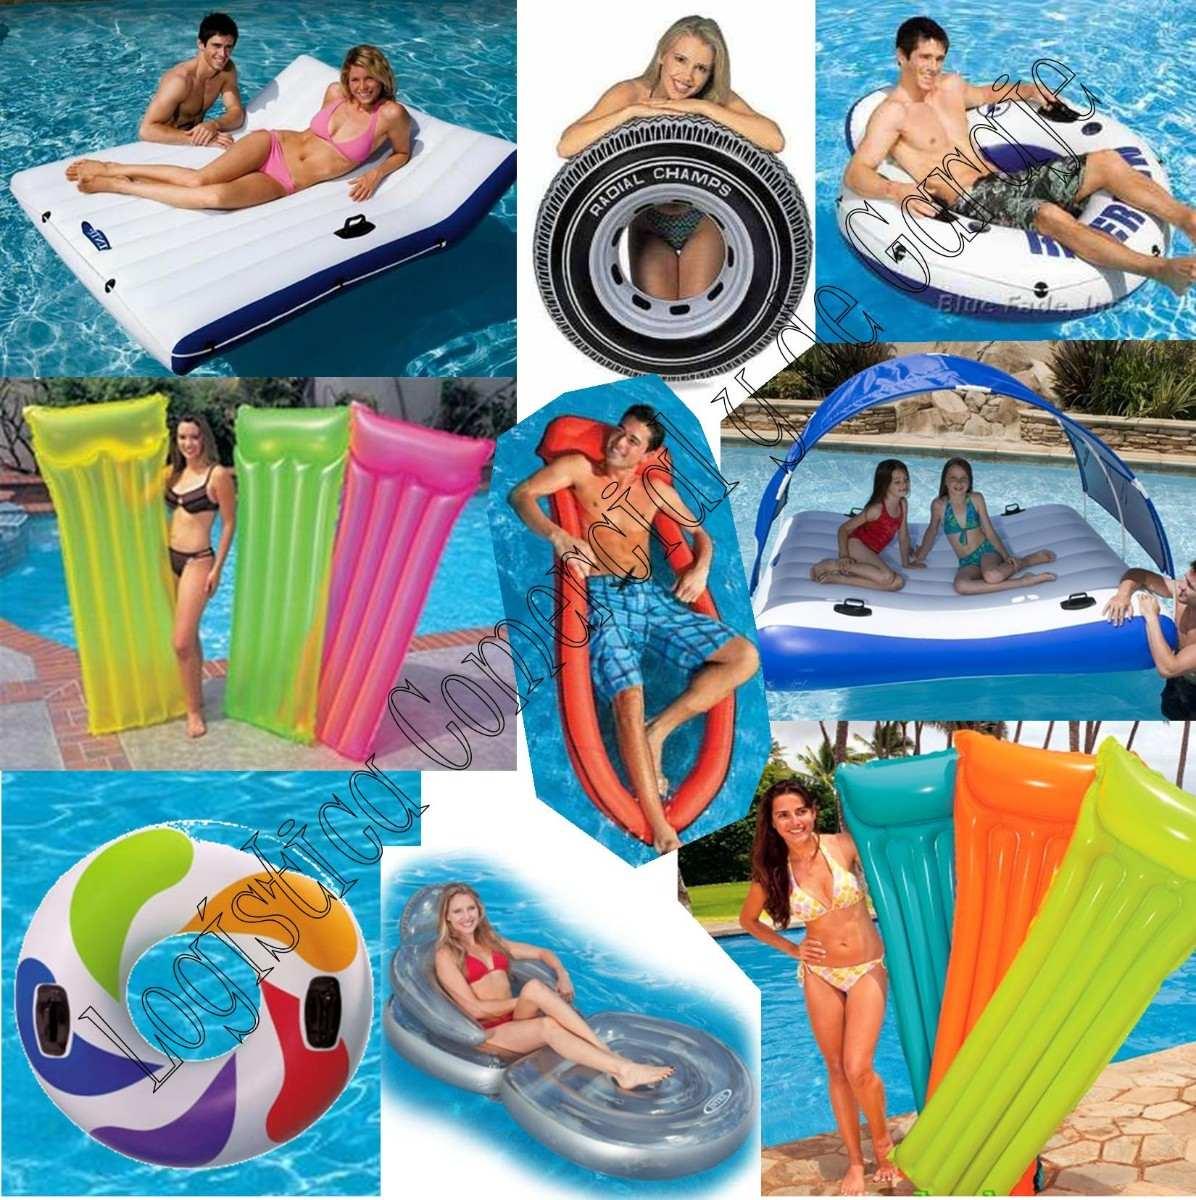 Anillo aro flotador inflable para ni os piscina 58231 for Piscina inflable intex